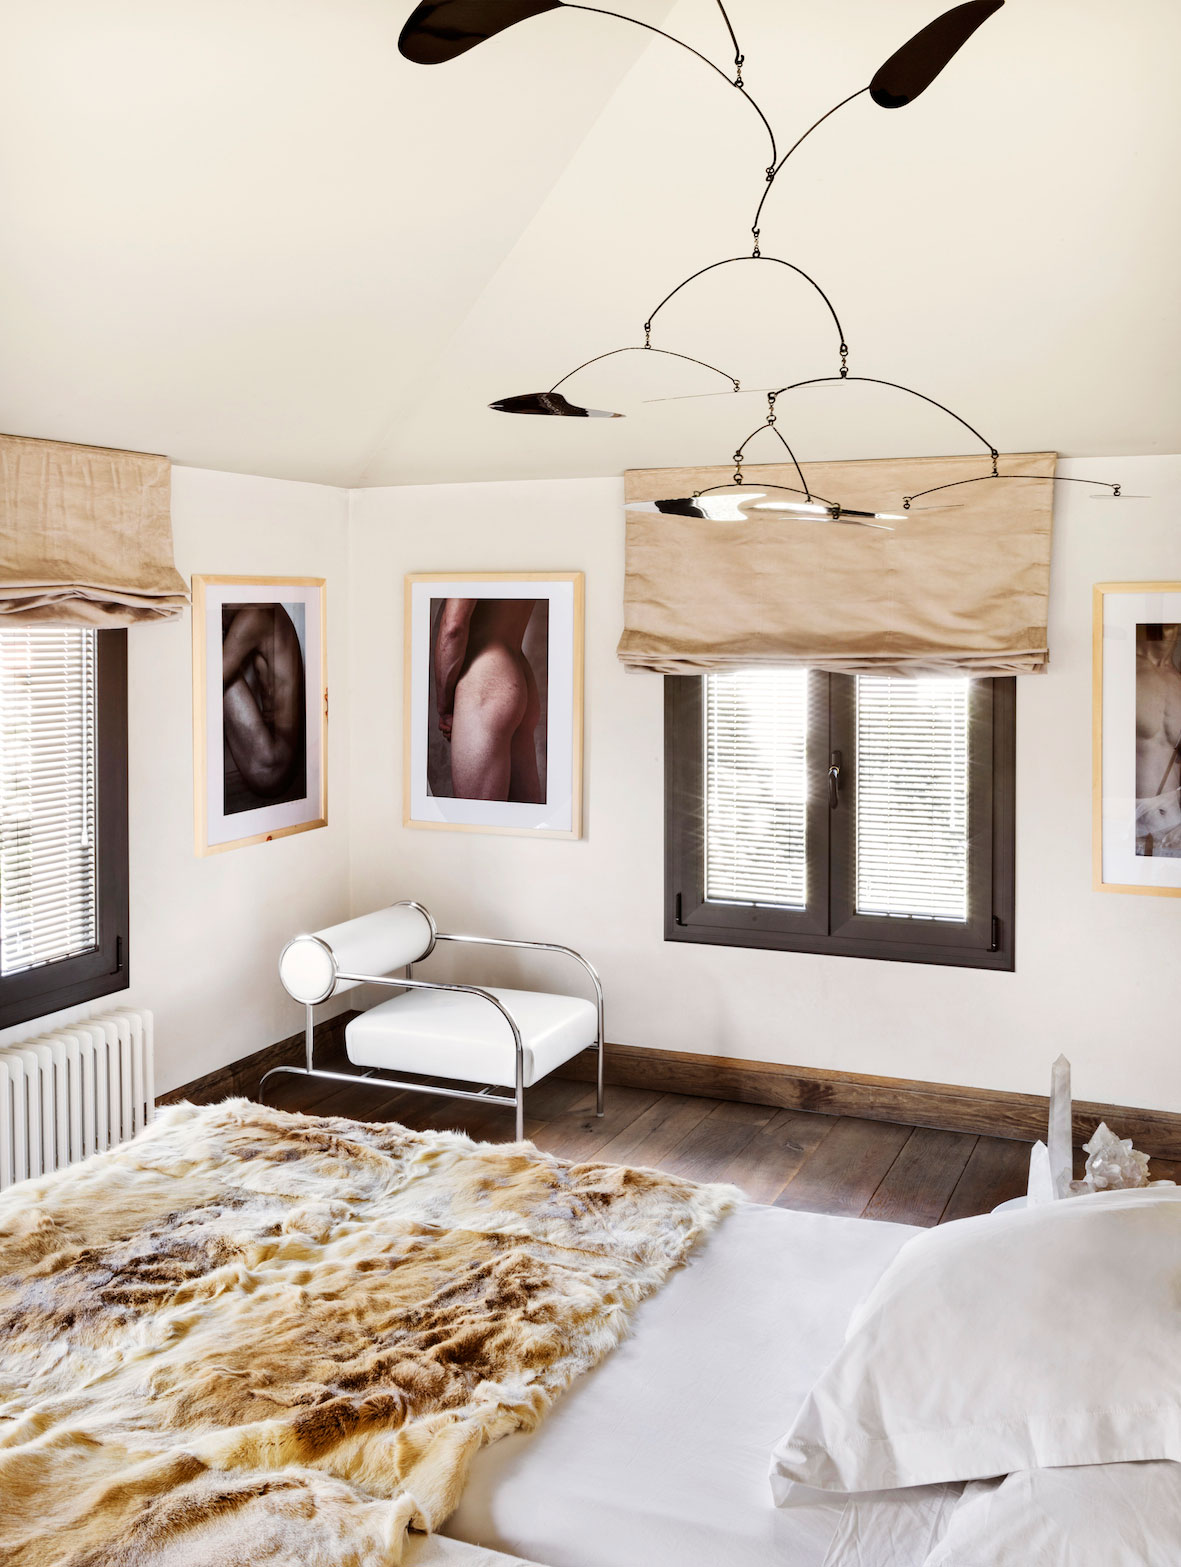 serge-castella-interiors-city-apartment-13